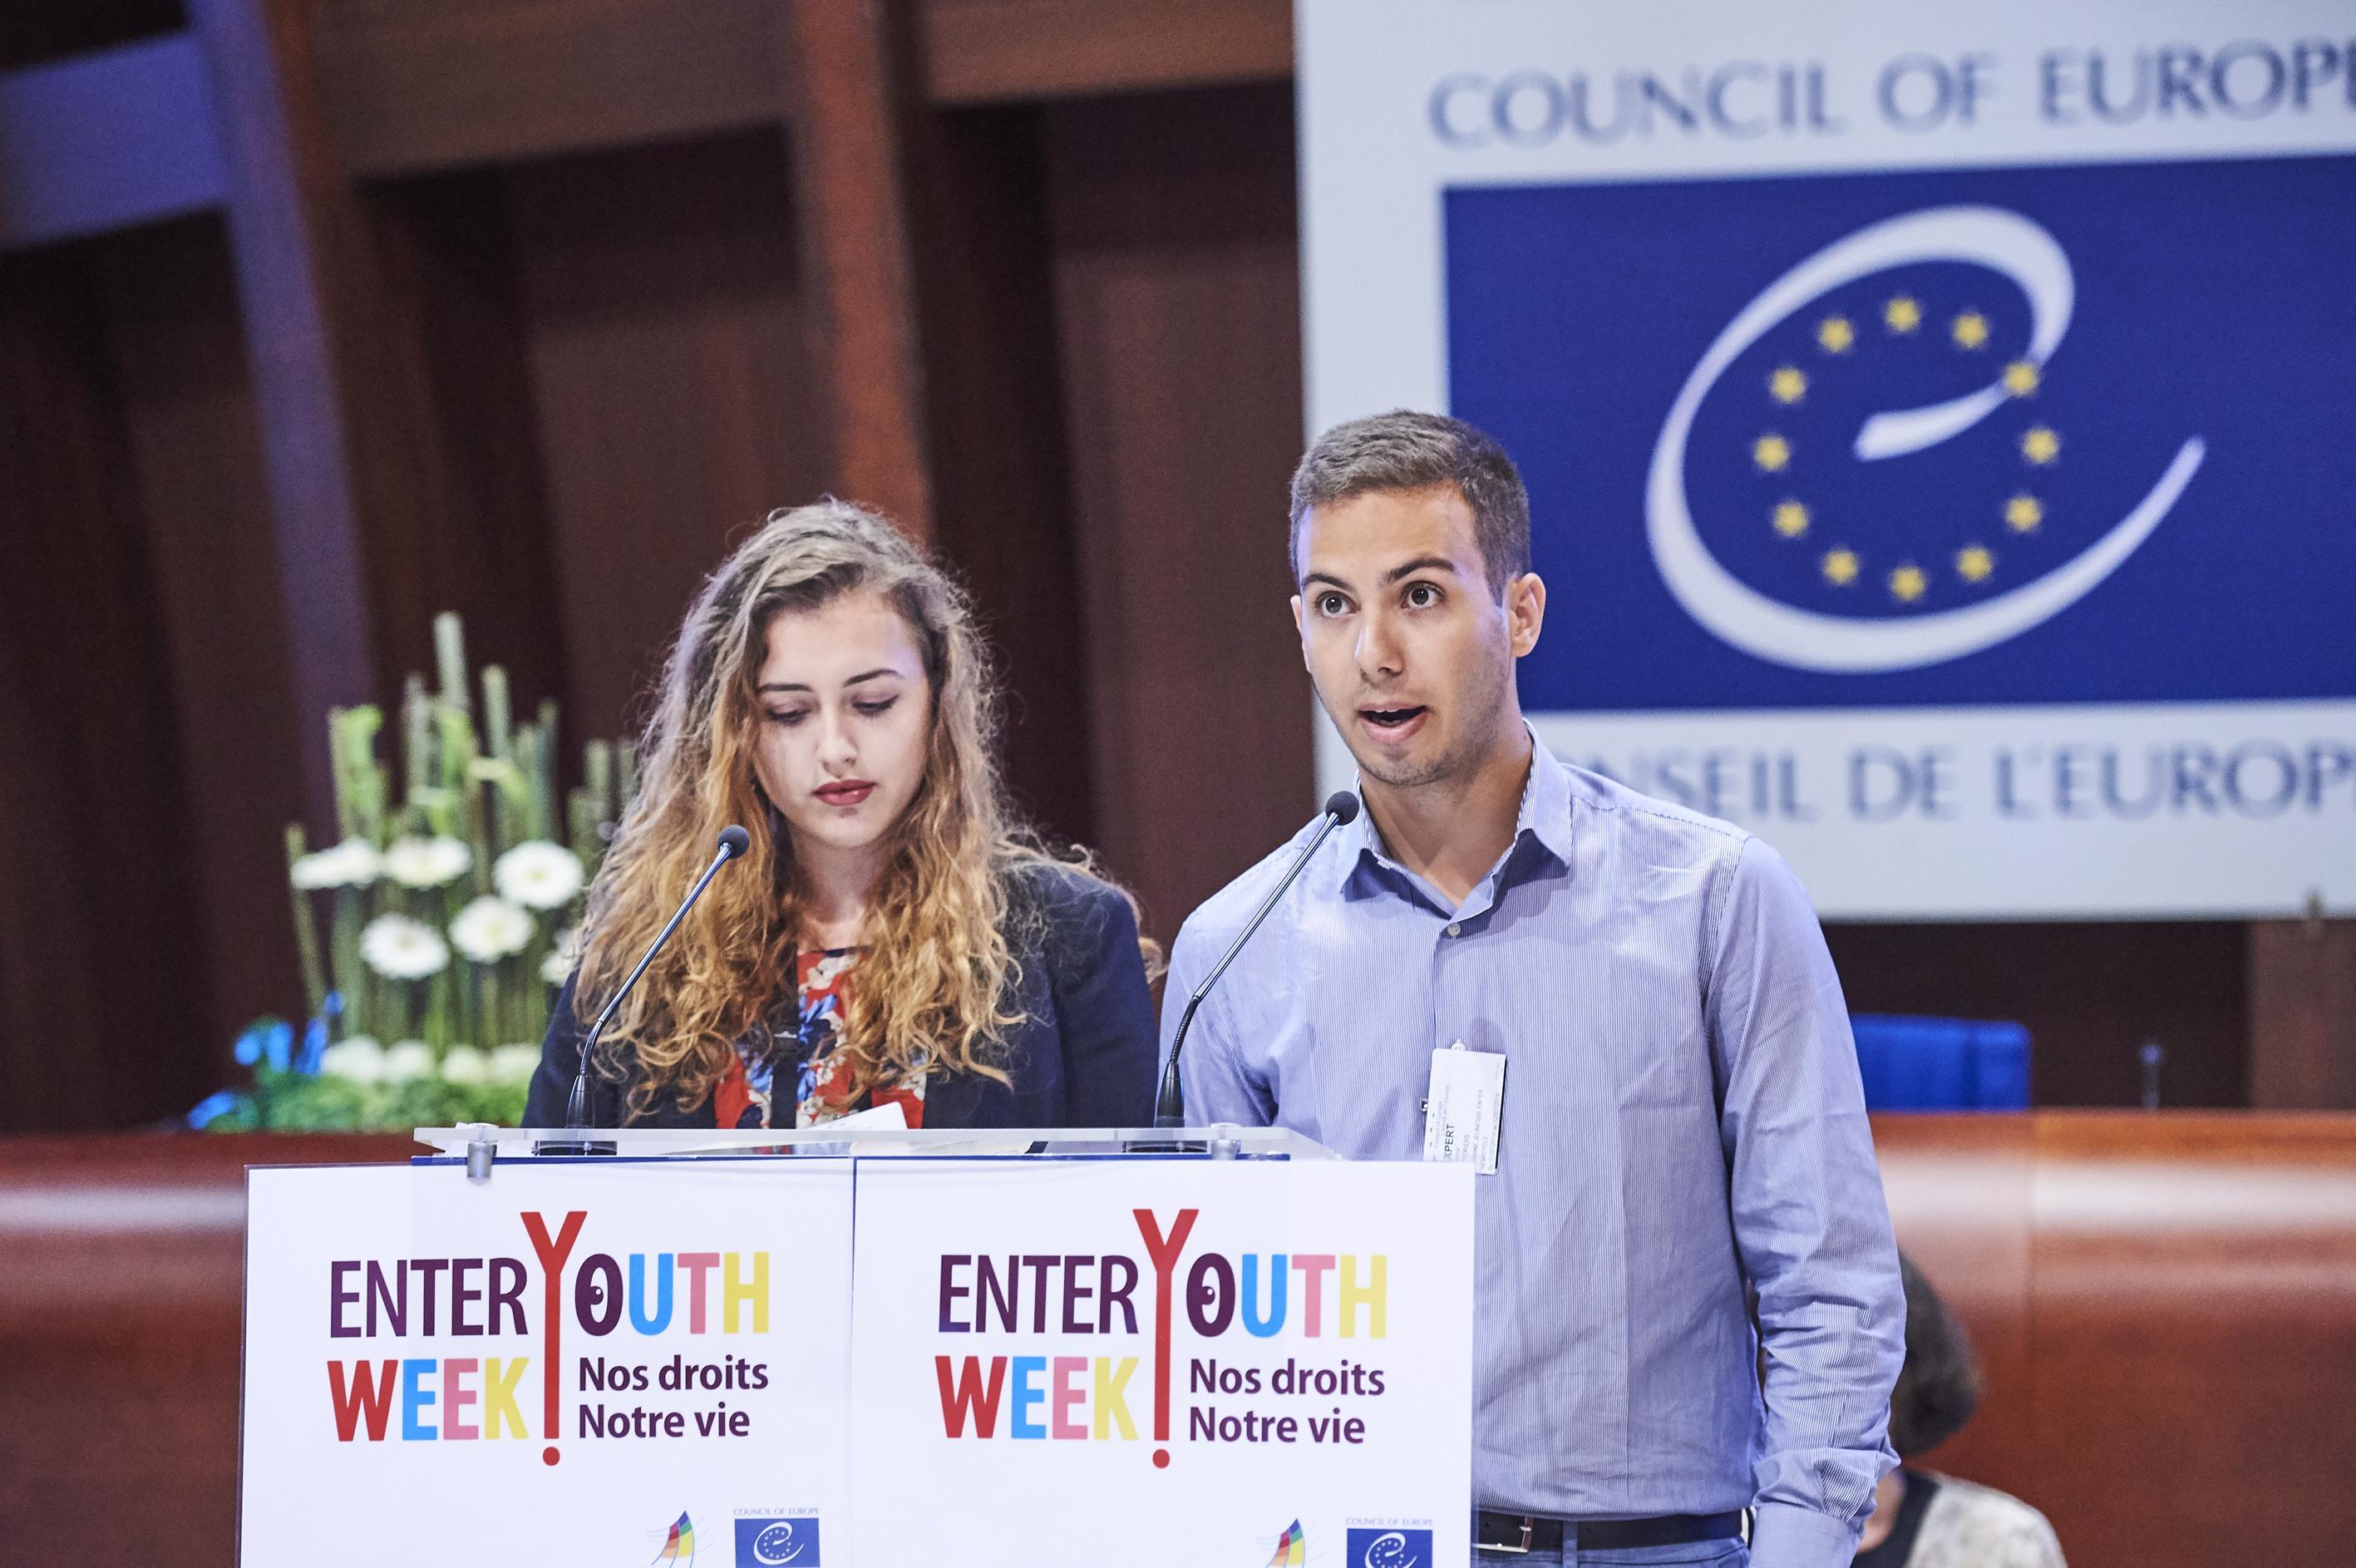 """Εκπροσώπηση του Ομίλου μας στο """"Enter!YouthWeek"""" του Συμβουλίου της Ευρώπης"""